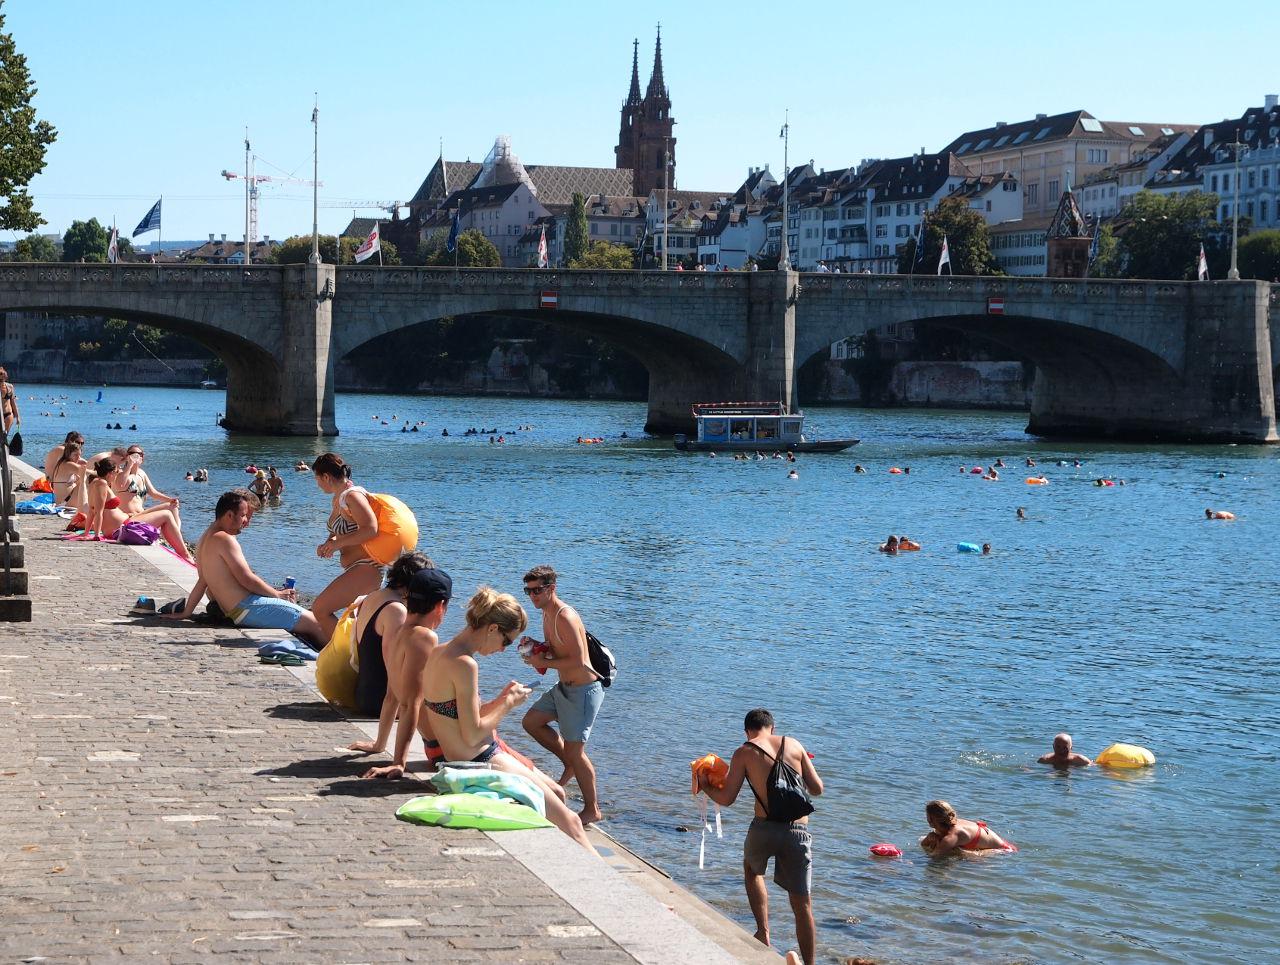 ライン川での遊泳。天気がよければ大勢の市民がつめかける人気アトラクション。中央橋の向こうに大聖堂が見える 。バーゼル © Matsuda Masahiro